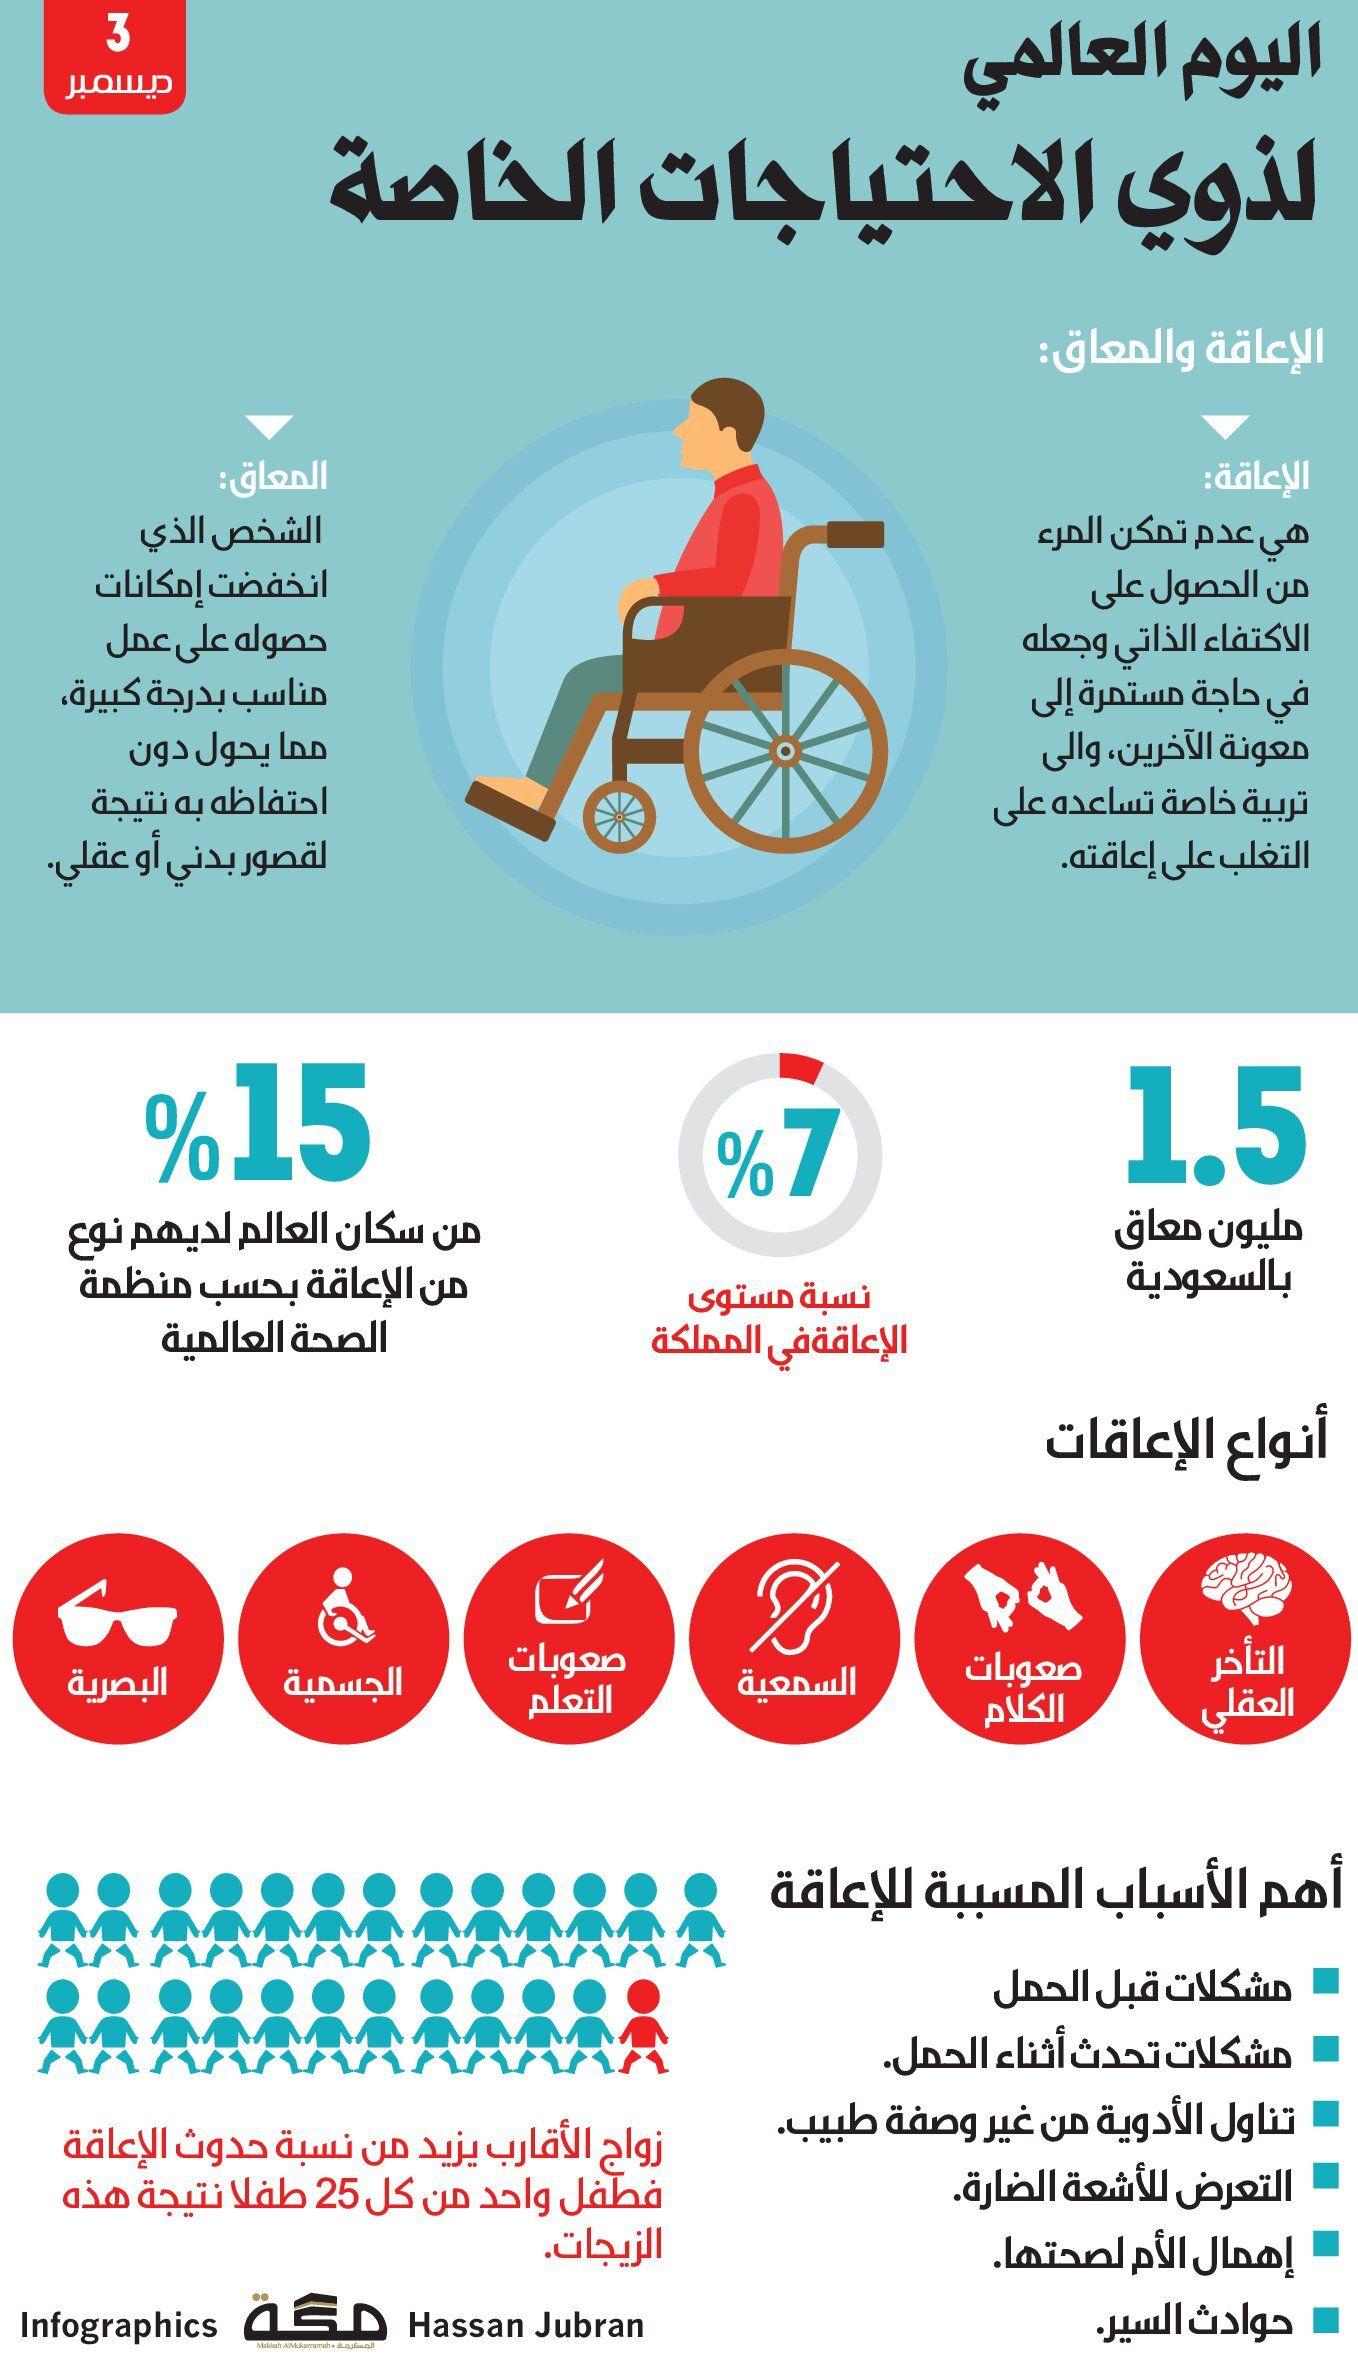 اليوم العالمي لذوي الاحتياجات الخاصة 3 ديسمبر صحيفةـمكة انفوجرافيك الأيام العالمية Infographic Makkah Map